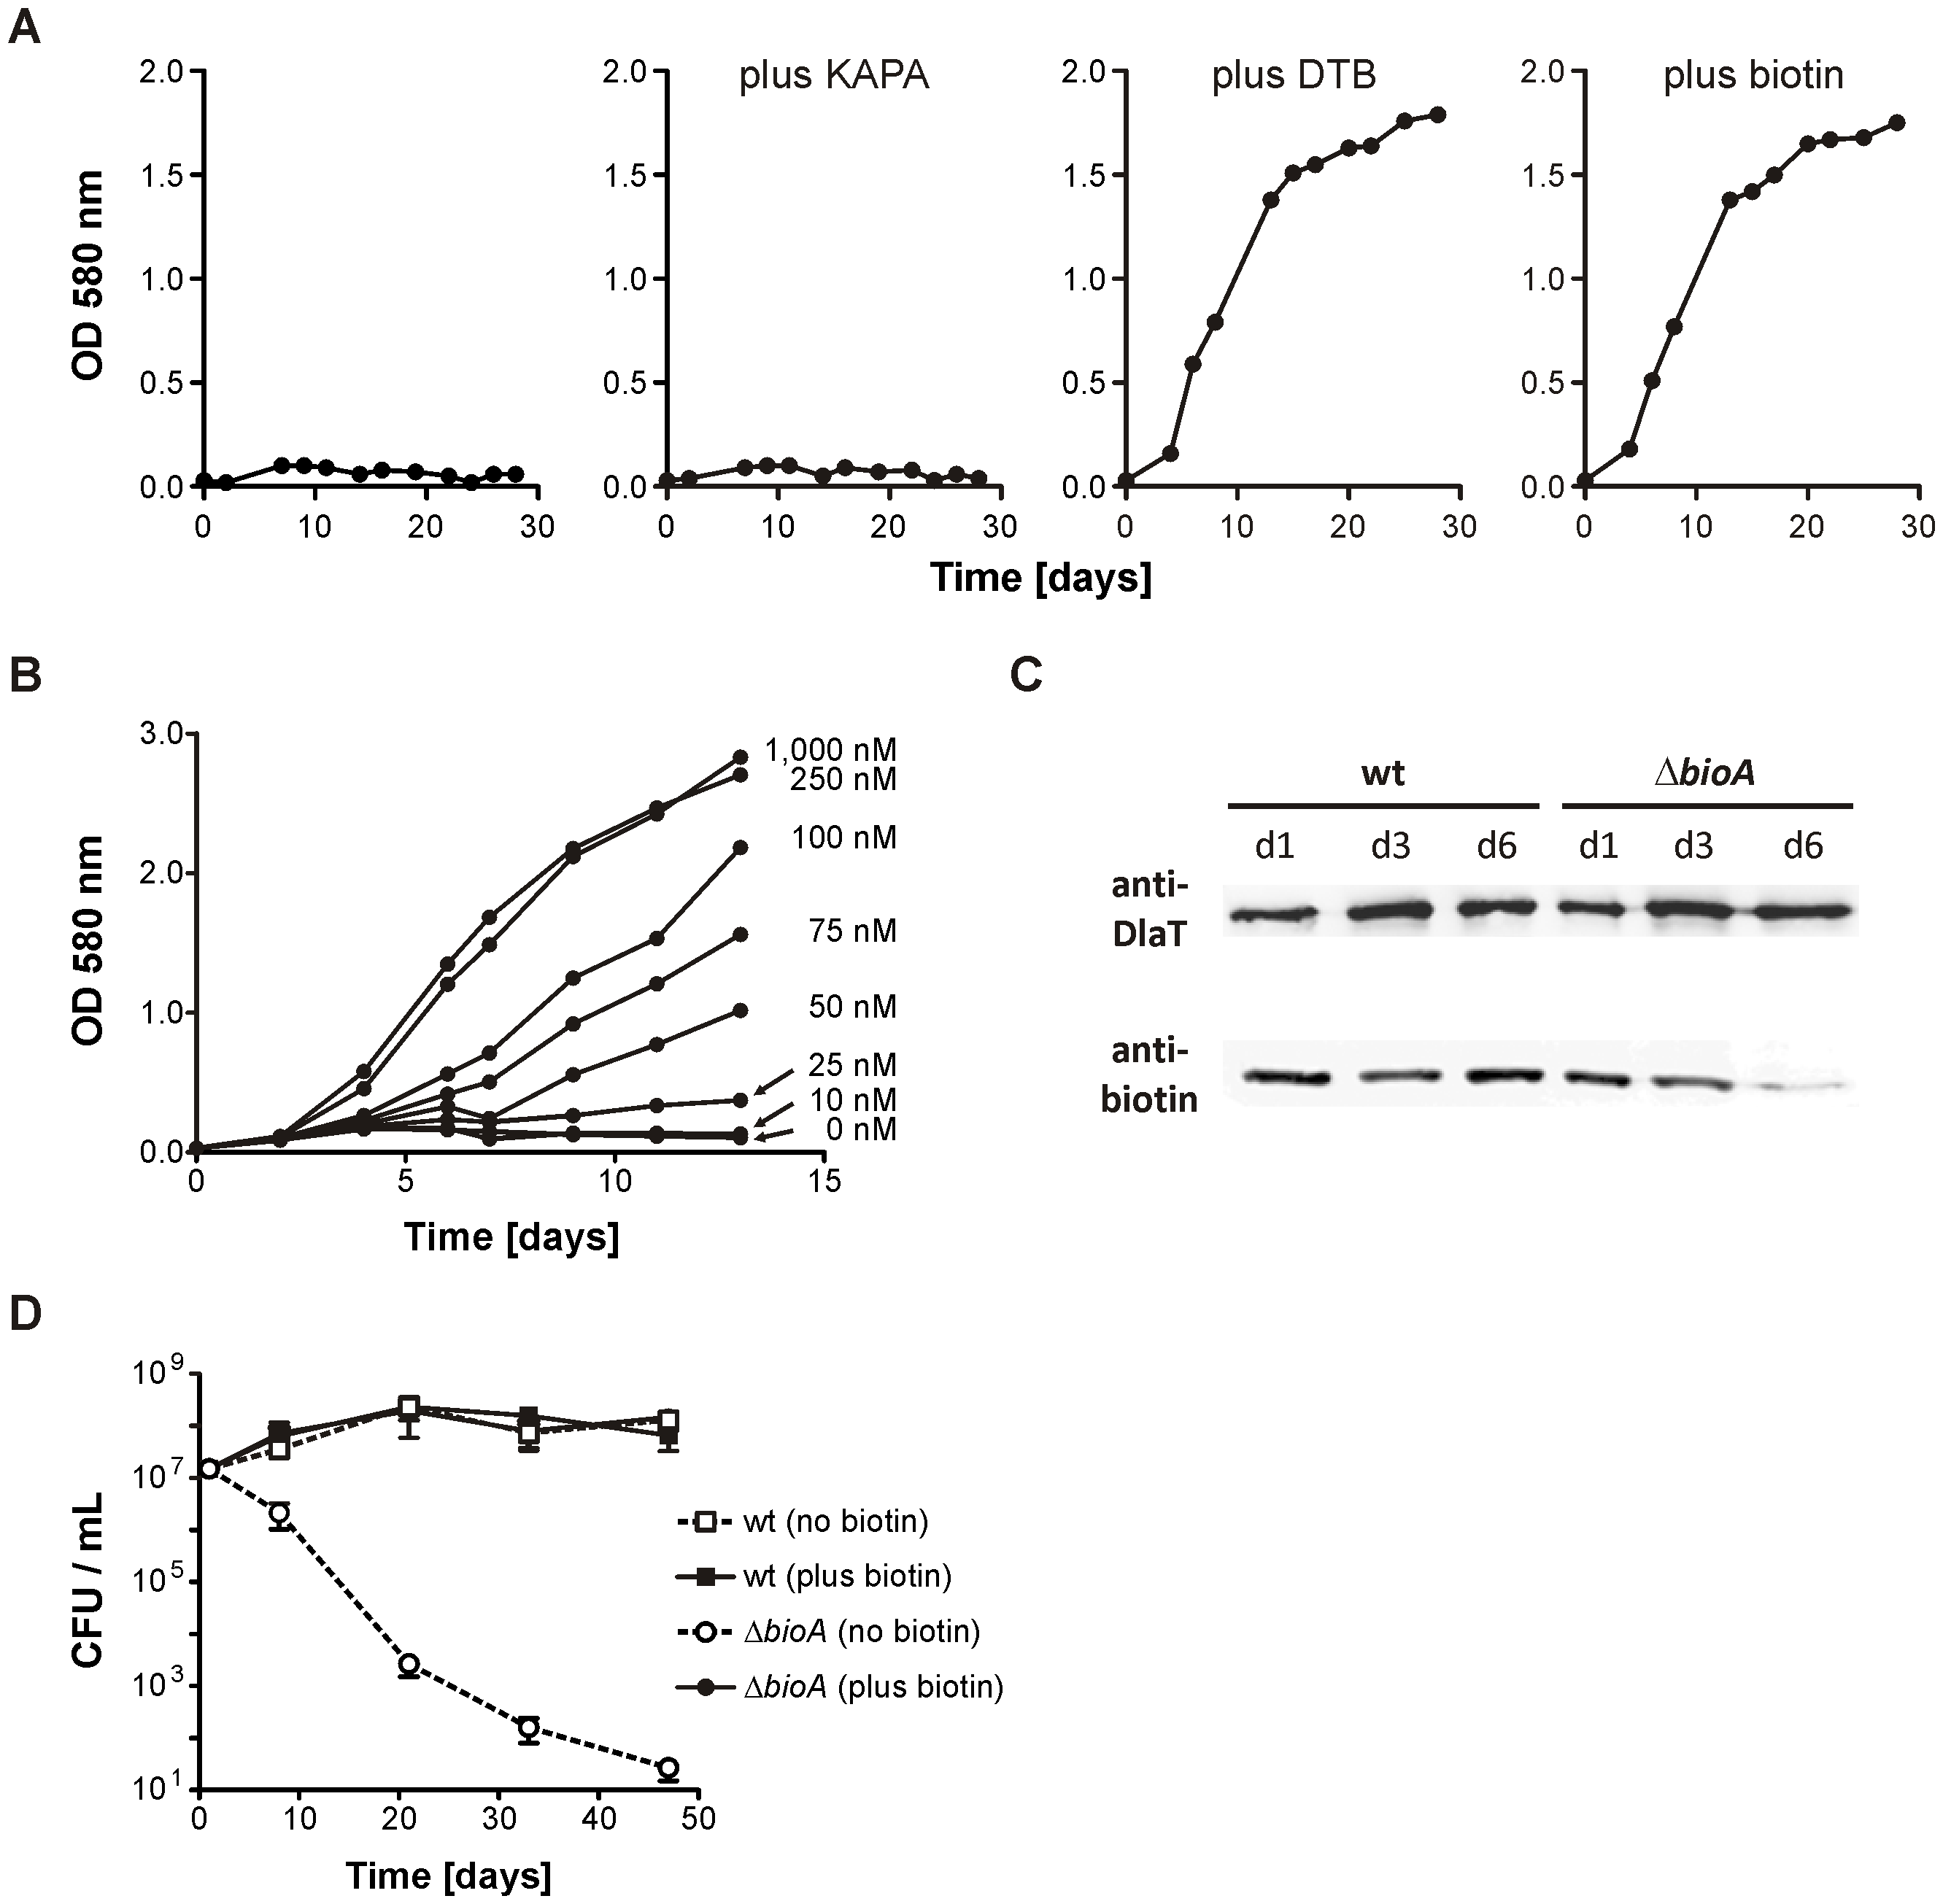 <i>In vitro</i> characterization of <i>Mtb ΔbioA</i>.